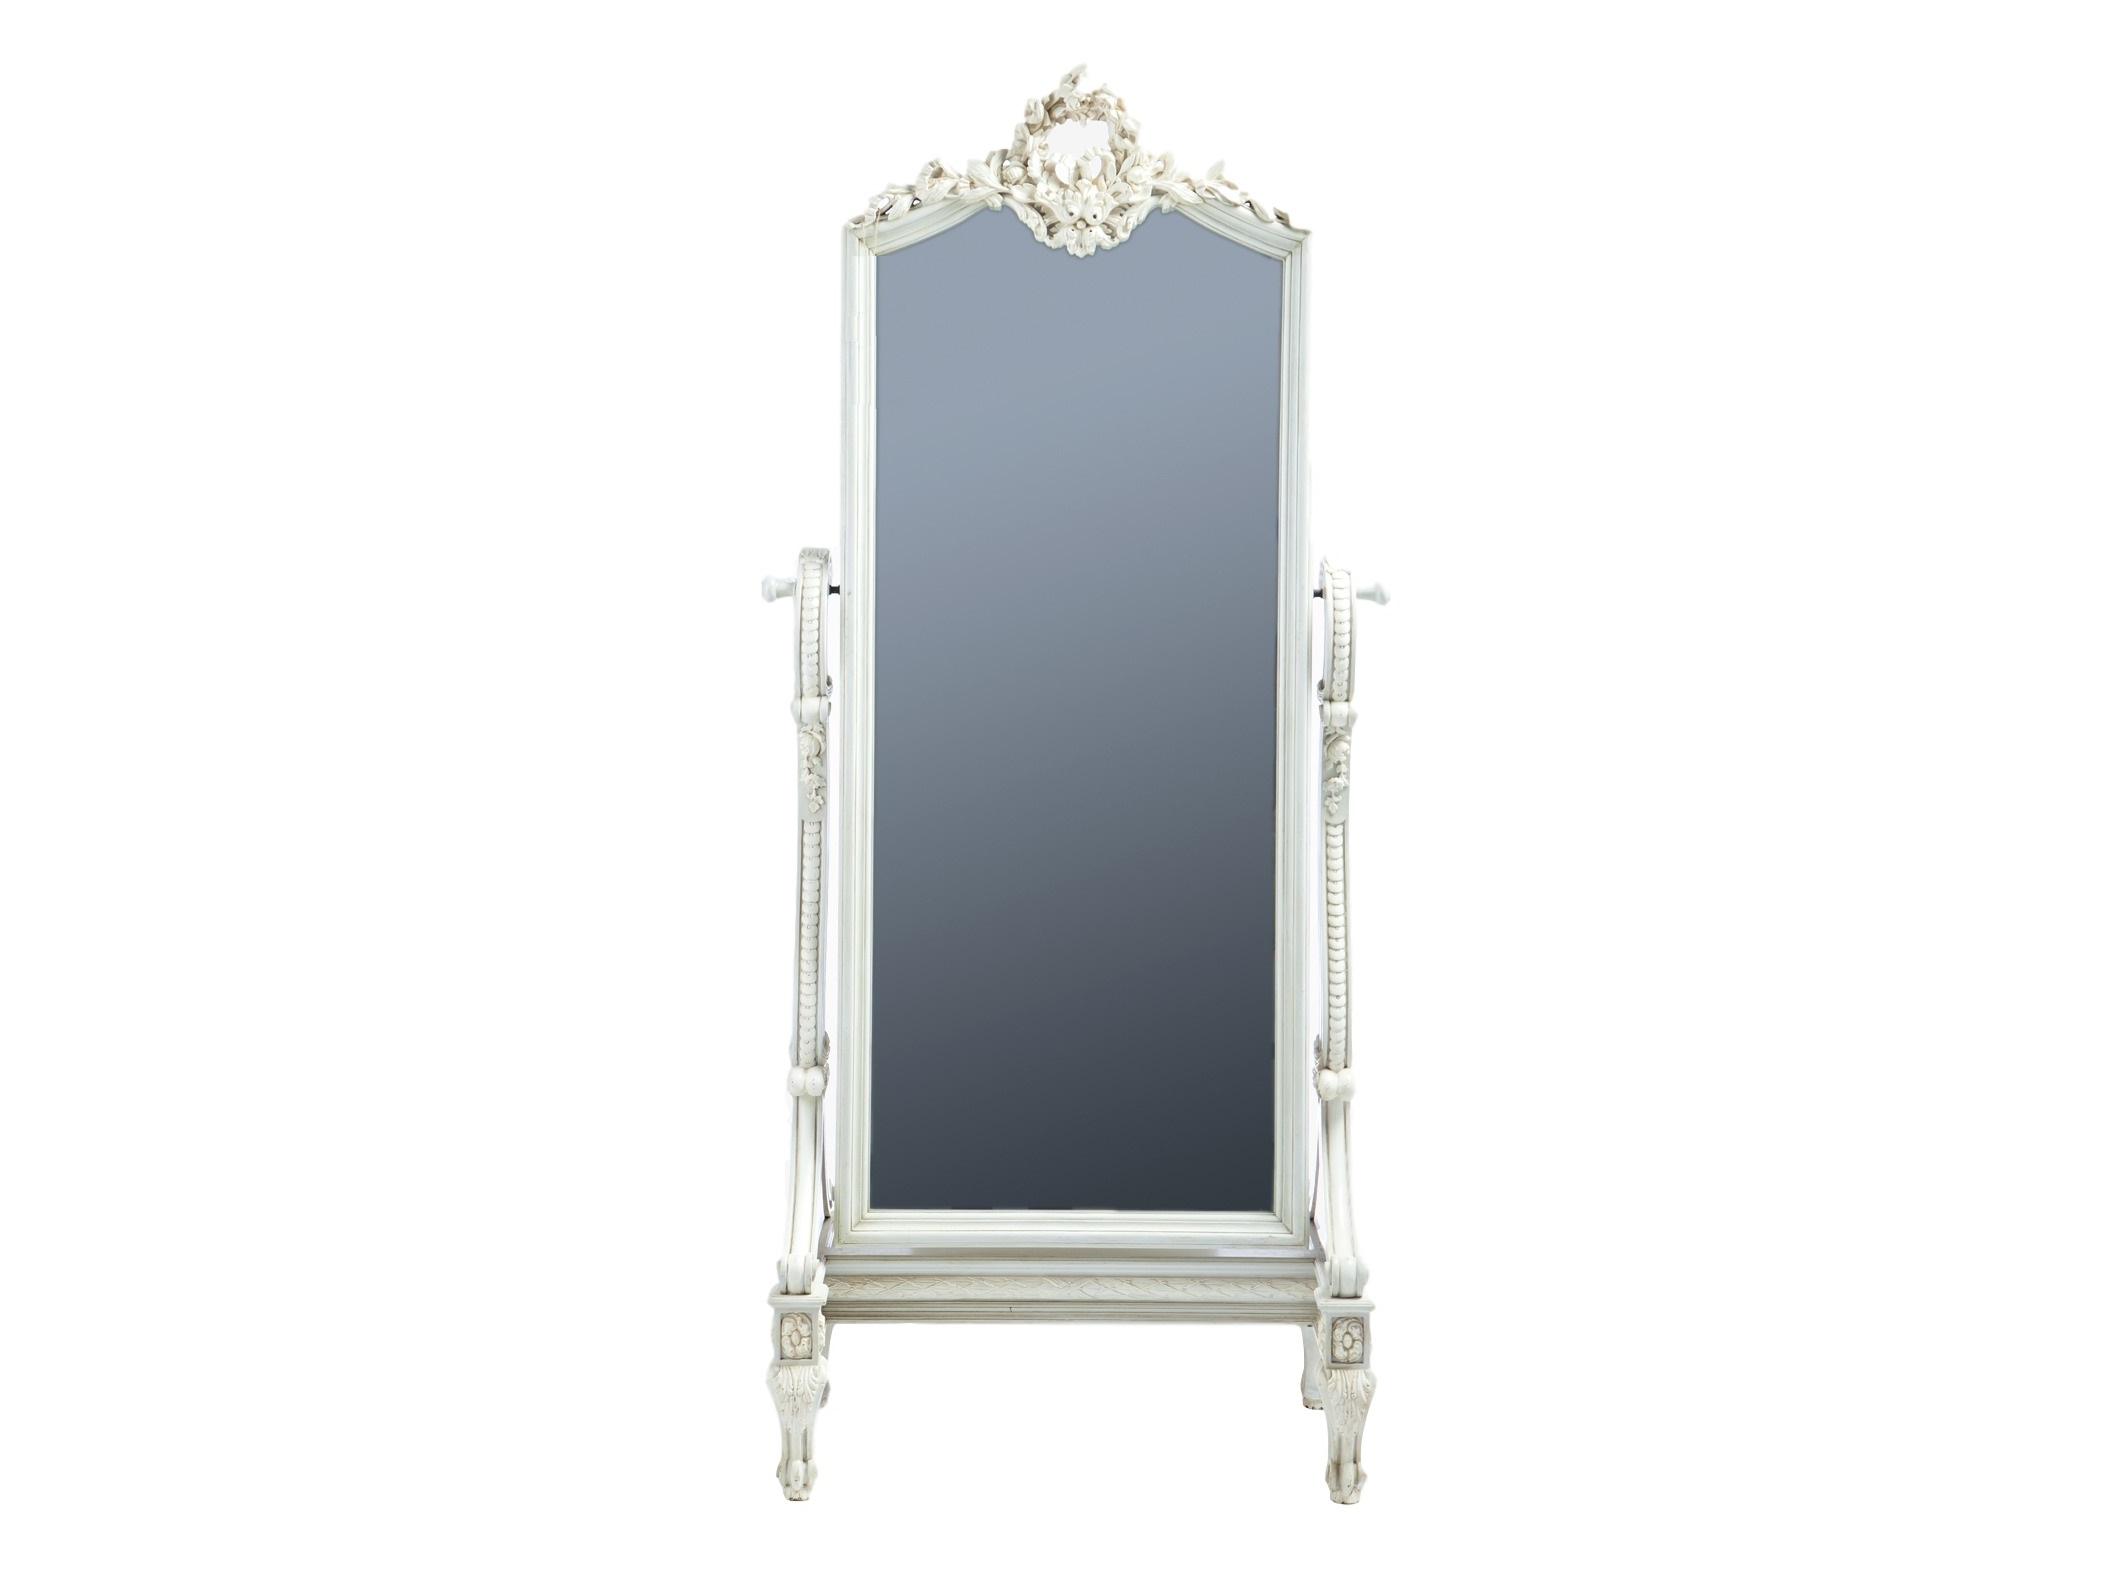 ЗеркалоНапольные зеркала<br>Зеркало напольное светло-голубое, украшенное резьбой ручной работы и патиной.&amp;lt;div&amp;gt;&amp;lt;br&amp;gt;&amp;lt;/div&amp;gt;&amp;lt;div&amp;gt;Материал: махагони&amp;lt;br&amp;gt;&amp;lt;/div&amp;gt;<br><br>Material: Красное дерево<br>Width см: 84<br>Depth см: 52<br>Height см: 185